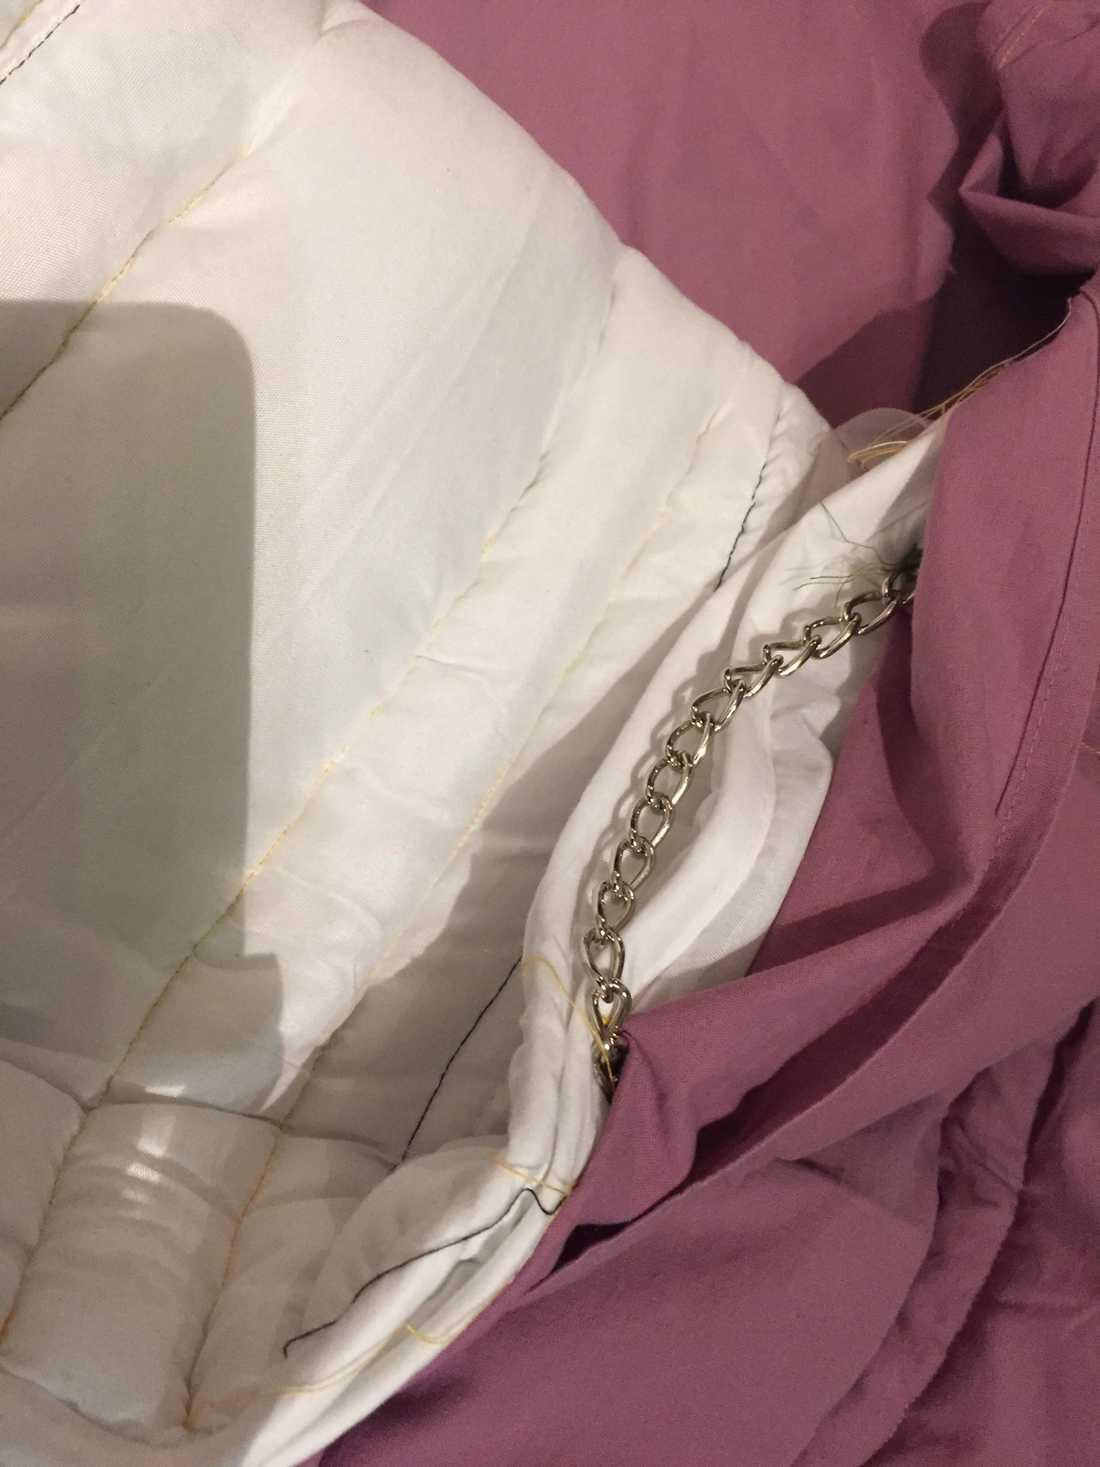 Malin sydde ett eget tyngdtäcke med hjälp av kedjor.